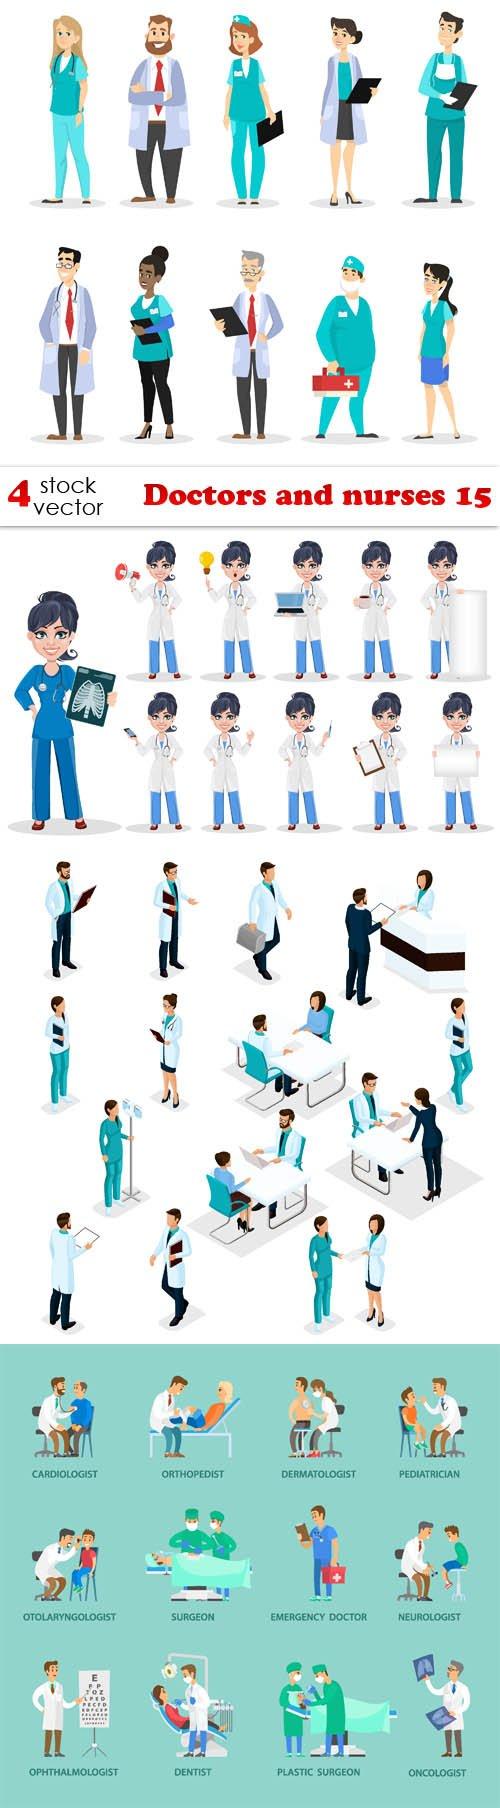 Vectors - Doctors and nurses 15